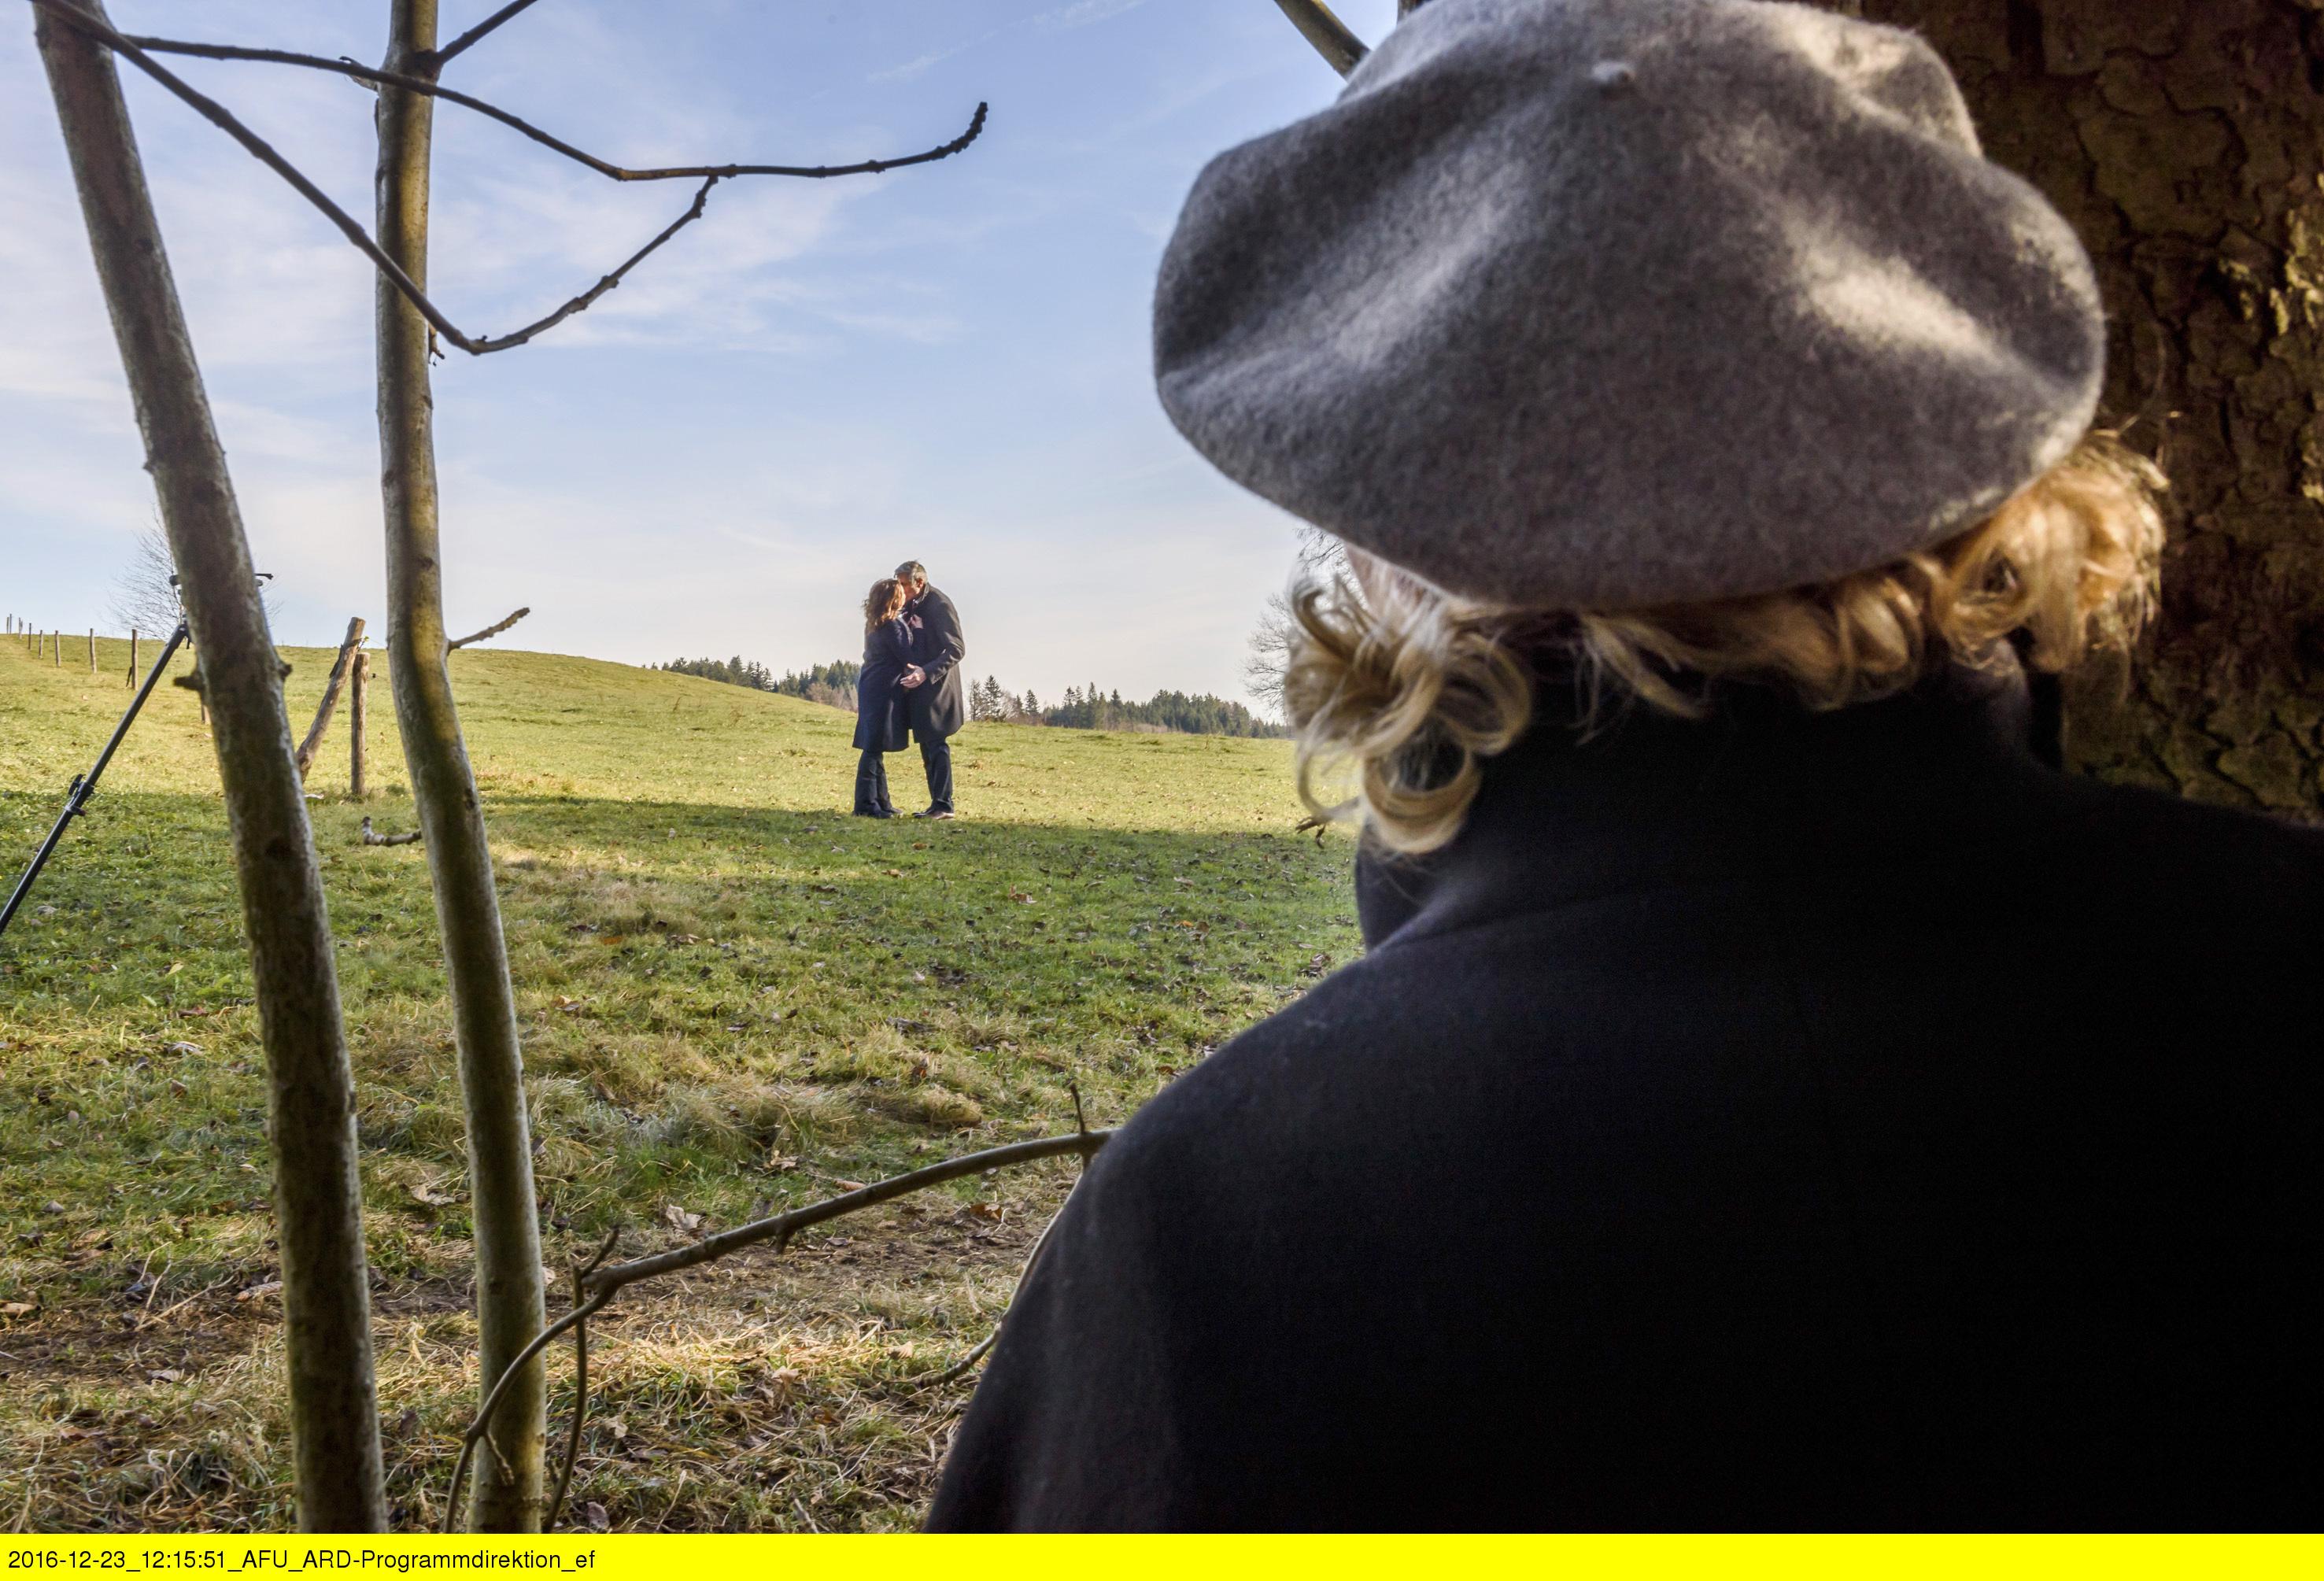 ARD STURM DER LIEBE FOLGE 2632, am Montag (13.02.17) um 15:10 Uhr im ERSTEN. Beatrice (Isabella Hübner, r.) beobachtet einen Kuss zwischen Friedrich (Dietrich Adam, 2.v.l.) und Saskia (Sacha Holzheimer, l.). (Quelle: ARD/Christof Arnold)